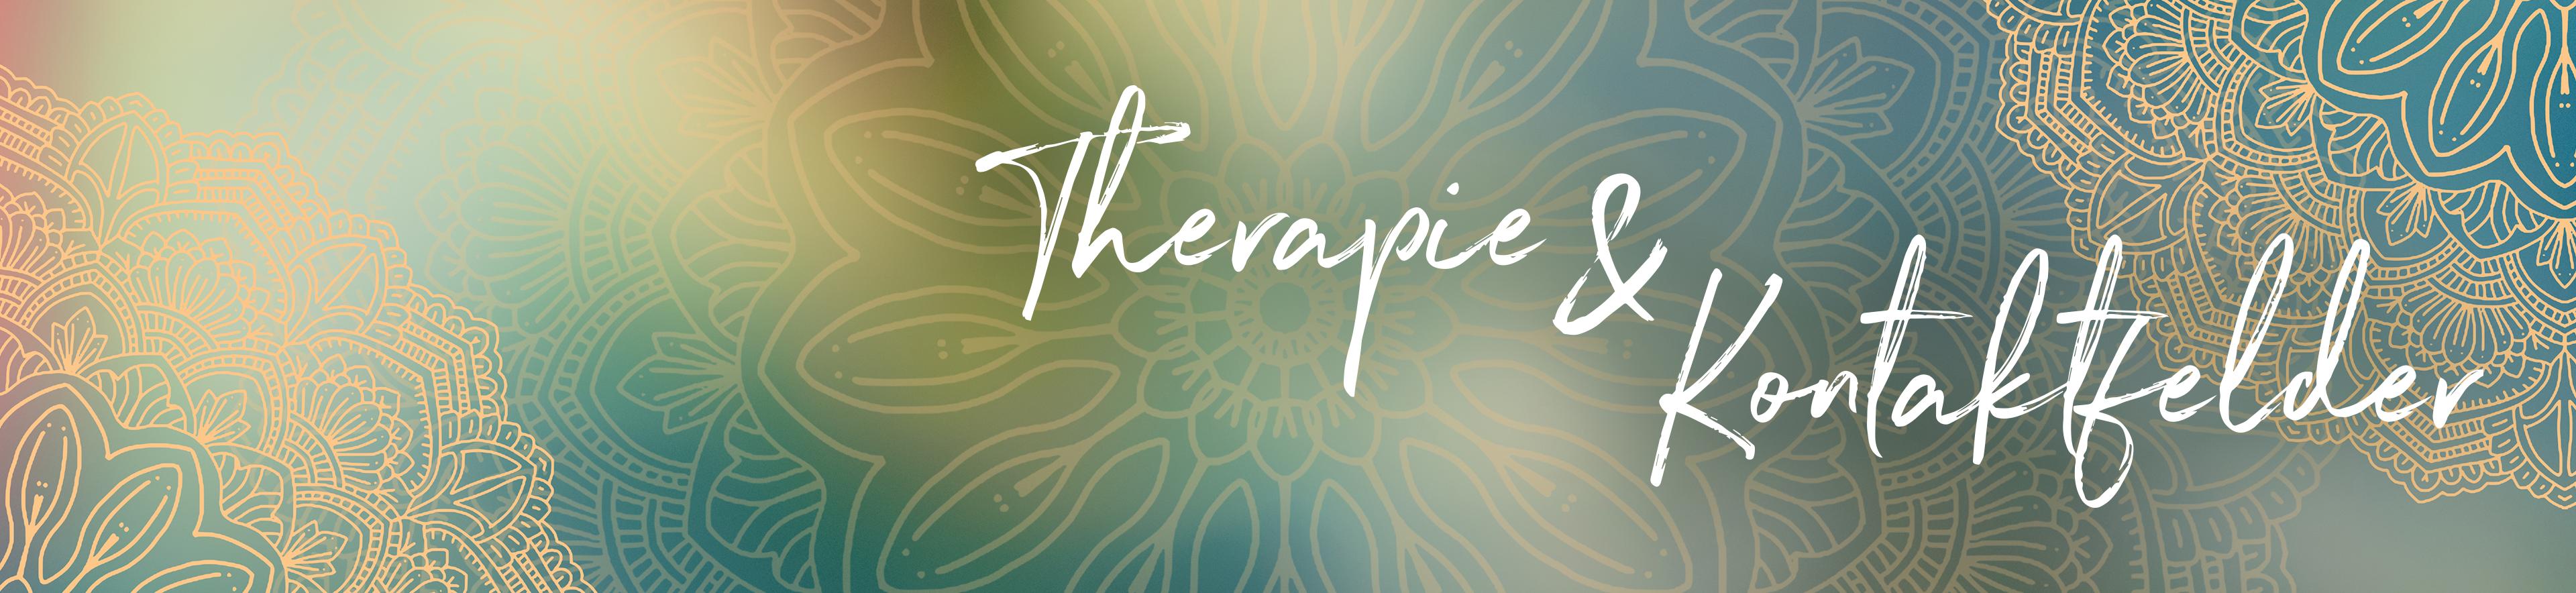 Therapie und Kontaktfelder